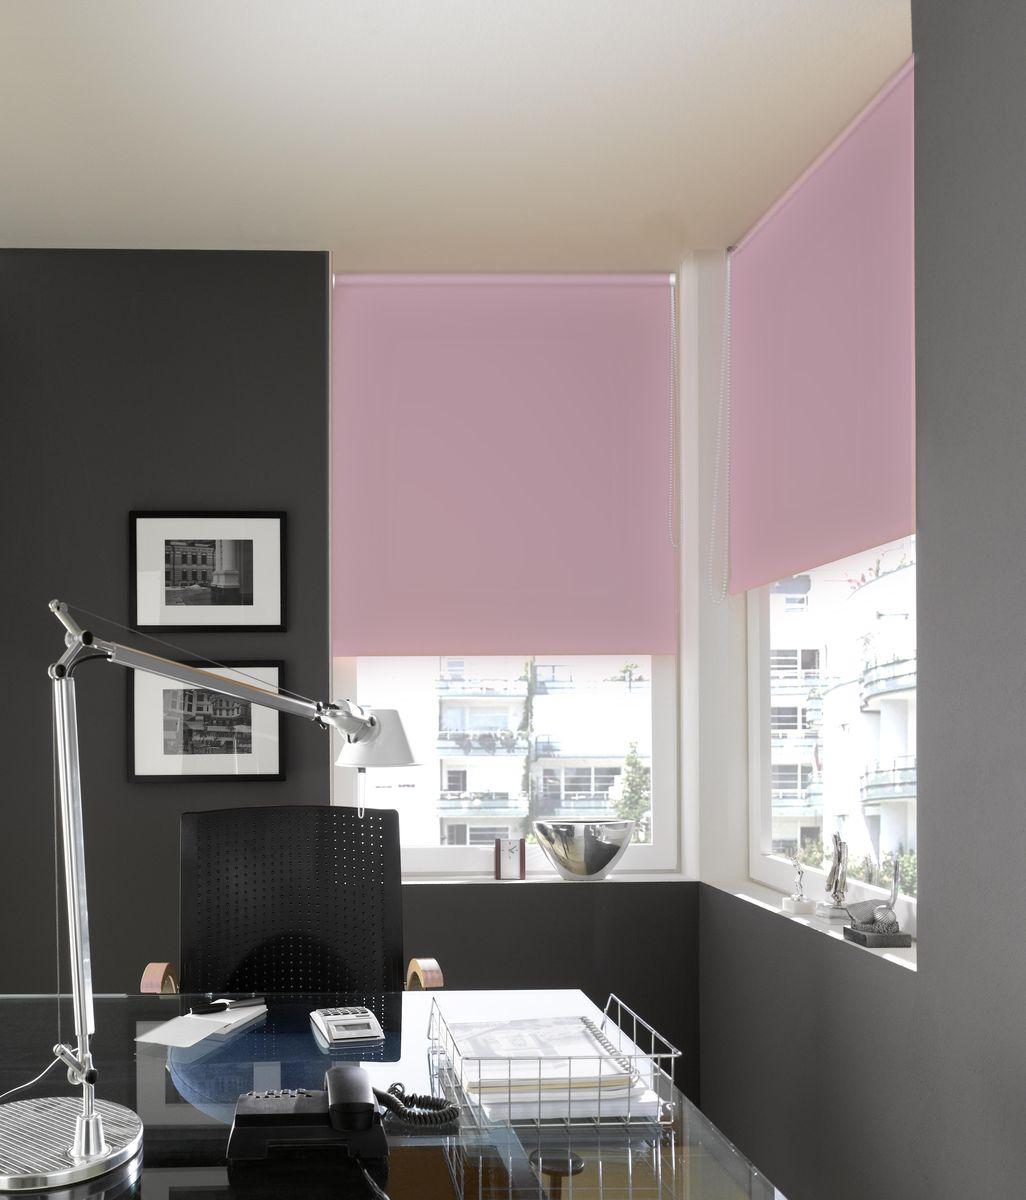 Штора рулонная Эскар Миниролло. Blackout, светонепроницаемая, цвет: розовый кварц, ширина 62 см, высота 170 см10503Рулонными шторамиЭскар Миниролло. Blackout можно оформлять окна как самостоятельно, так и использовать в комбинации с портьерами. Это поможет предотвратить выгорание дорогой ткани на солнце и соединит функционал рулонных с красотой навесных. Преимущества применения рулонных штор для пластиковых окон: - имеют прекрасный внешний вид: многообразие и фактурность материала изделия отлично смотрятся в любом интерьере;- многофункциональны: есть возможность подобрать шторы способные эффективно защитить комнату от солнца, при этом она не будет слишком темной;- есть возможность осуществить быстрый монтаж.ВНИМАНИЕ! Размеры ширины изделия указаны по ширине ткани! Во время эксплуатации не рекомендуется полностью разматывать рулон, чтобы не оторвать ткань от намоточного вала. В случае загрязнения поверхности ткани, чистку шторы проводят одним из способов, в зависимости от типа загрязнения:легкое поверхностное загрязнение можно удалить при помощи канцелярского ластика;чистка от пыли производится сухим методом при помощи пылесоса с мягкой щеткой-насадкой;для удаления пятна используйте мягкую губку с пенообразующим неагрессивным моющим средством или пятновыводитель на натуральной основе (нельзя применять растворители).